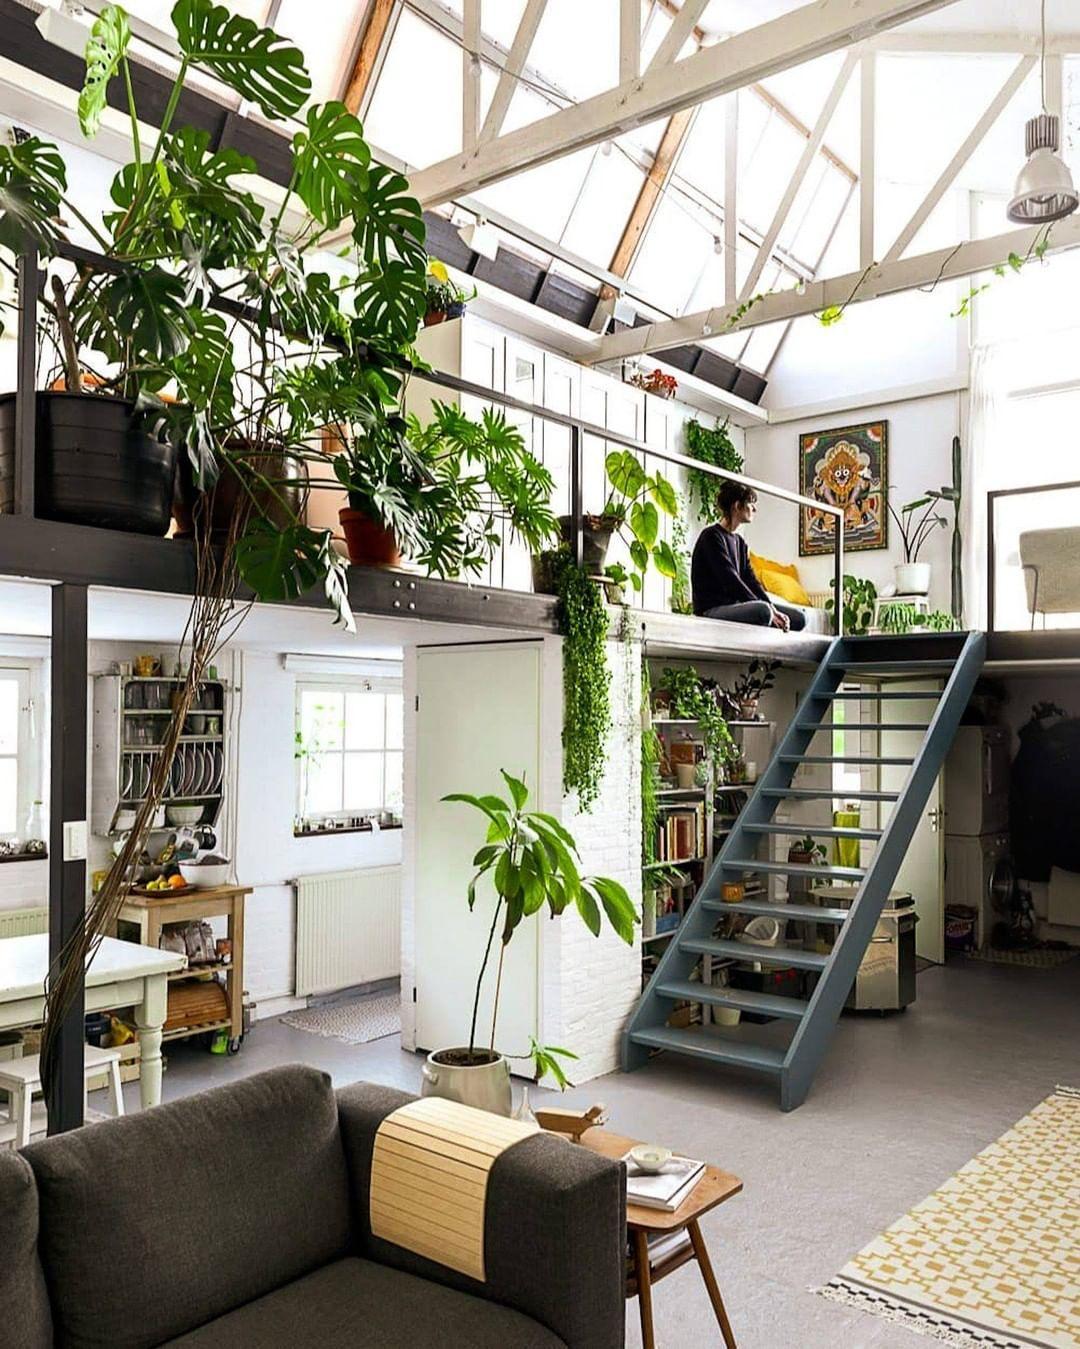 5 477 Me Gusta 37 Comentarios Design Interior Homes Magazine Design Interior Homes En Instagram Lofts Design Loft Interiors Loft Design House Design